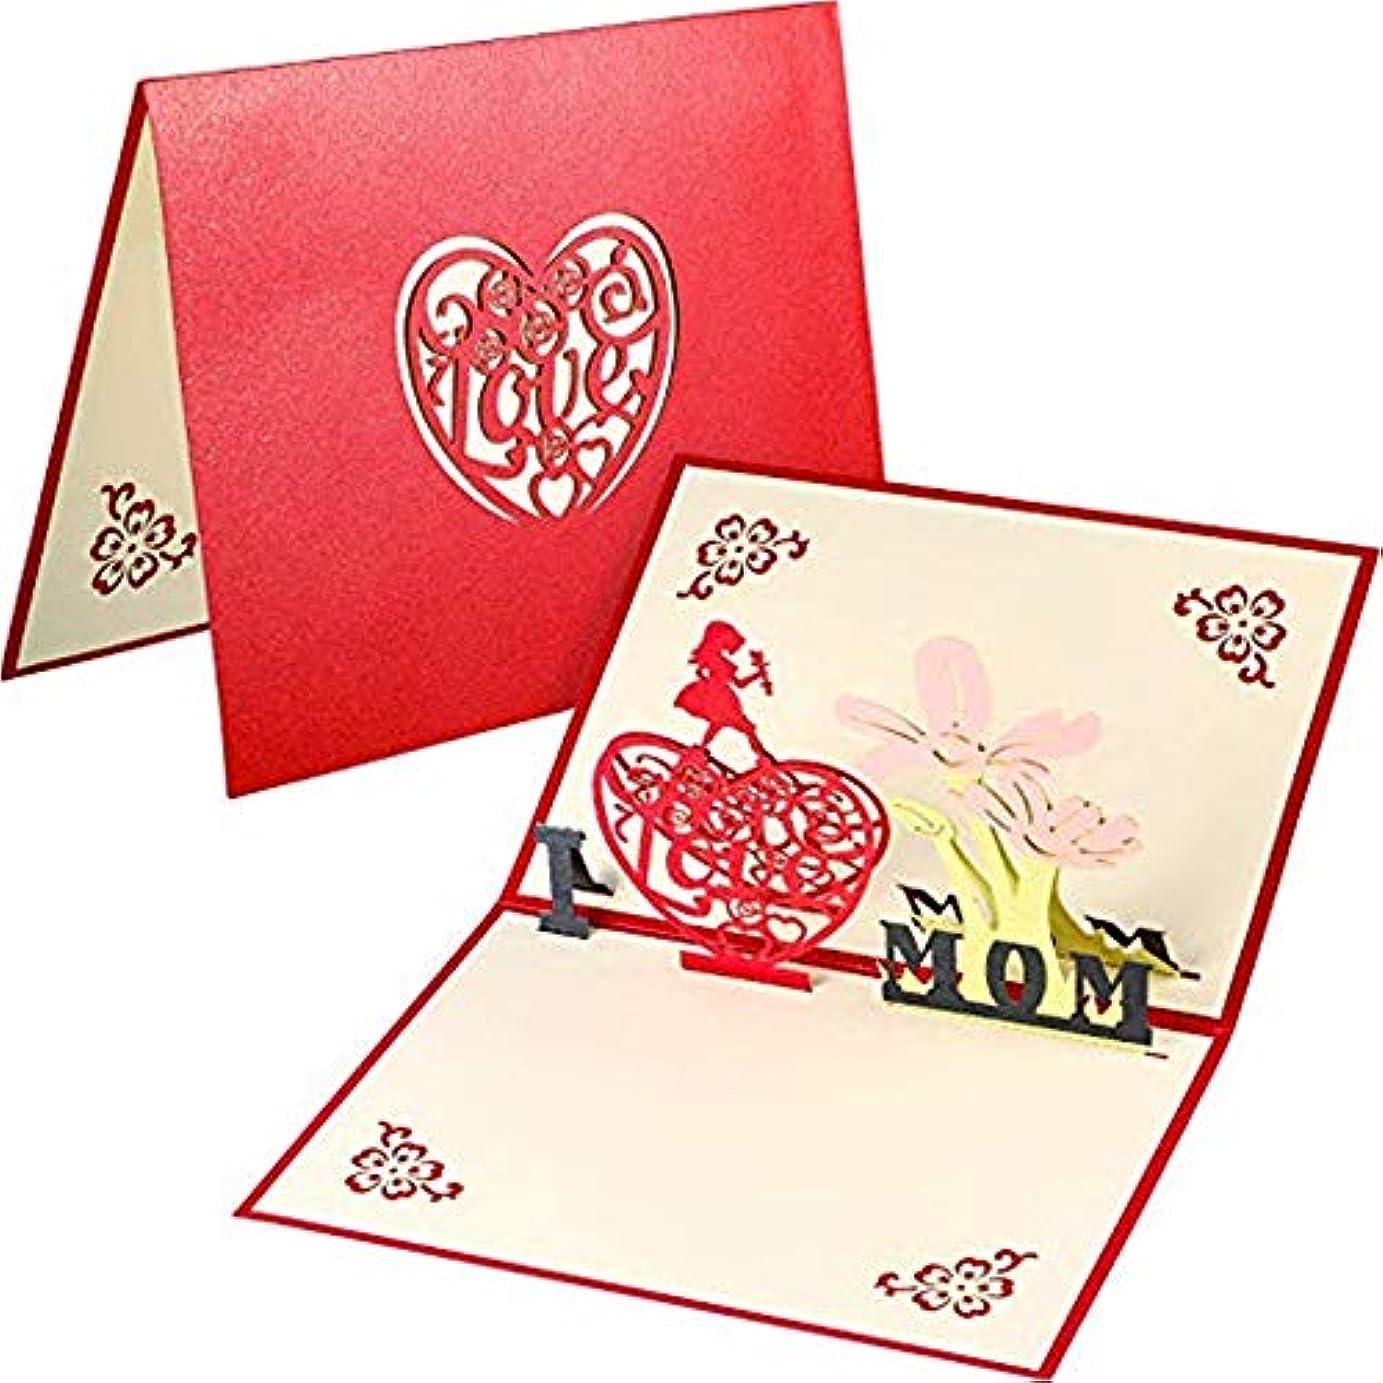 量で量でヘルシー3Dポップアップ母の日グリーティングカードありがとうカードお母さんのための誕生日カード - 私はあなたが愛を言うか、あなたのお母さんに感謝したいときはお母さんが大好きです